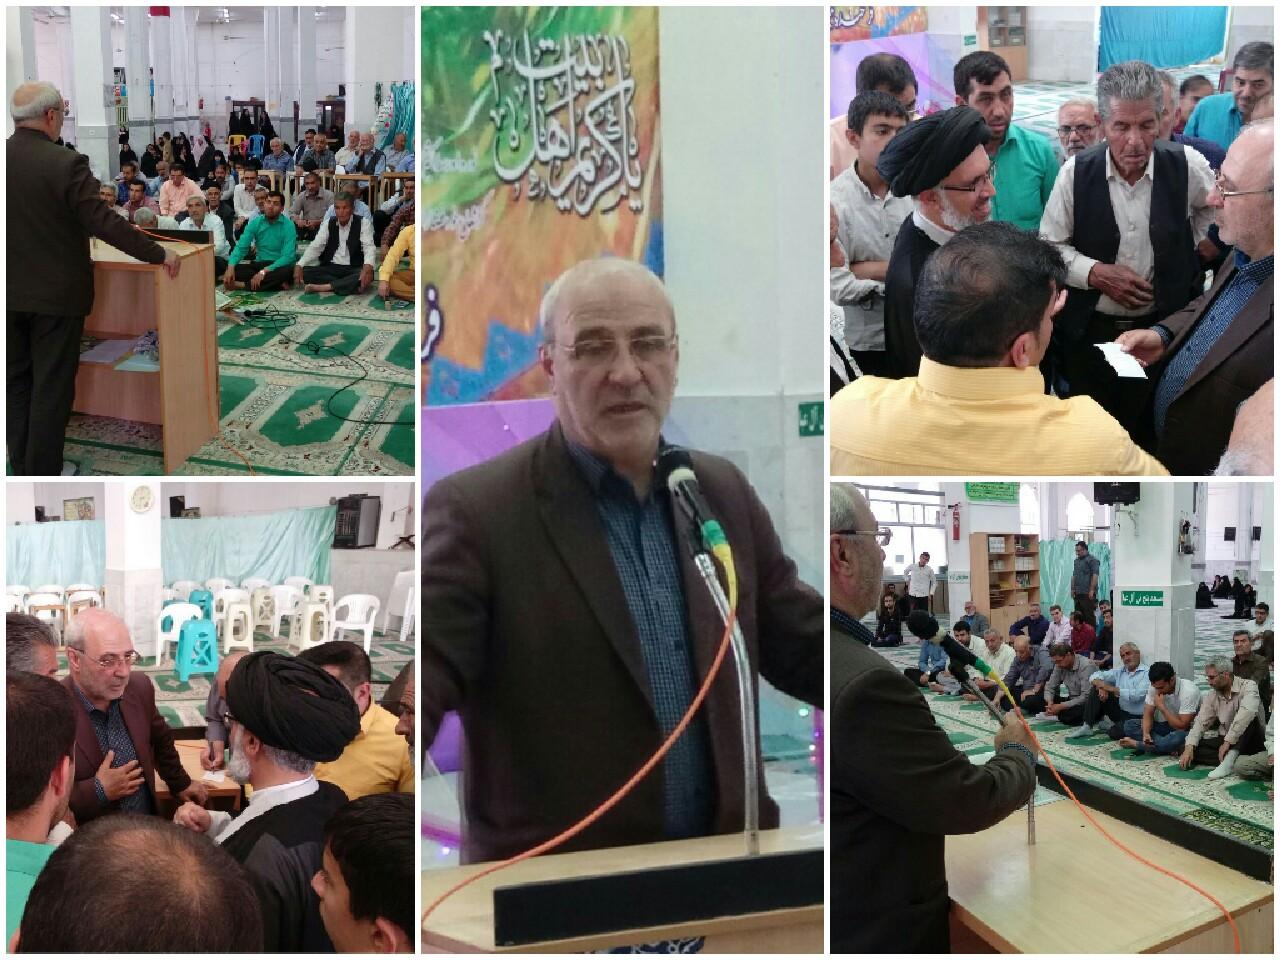 ✳حضور وسخنرانی جناب آقای حاجی در جمع نمازگزاران مسجد پنج تن آل عبا علیهم السلام شهر گز برخوار